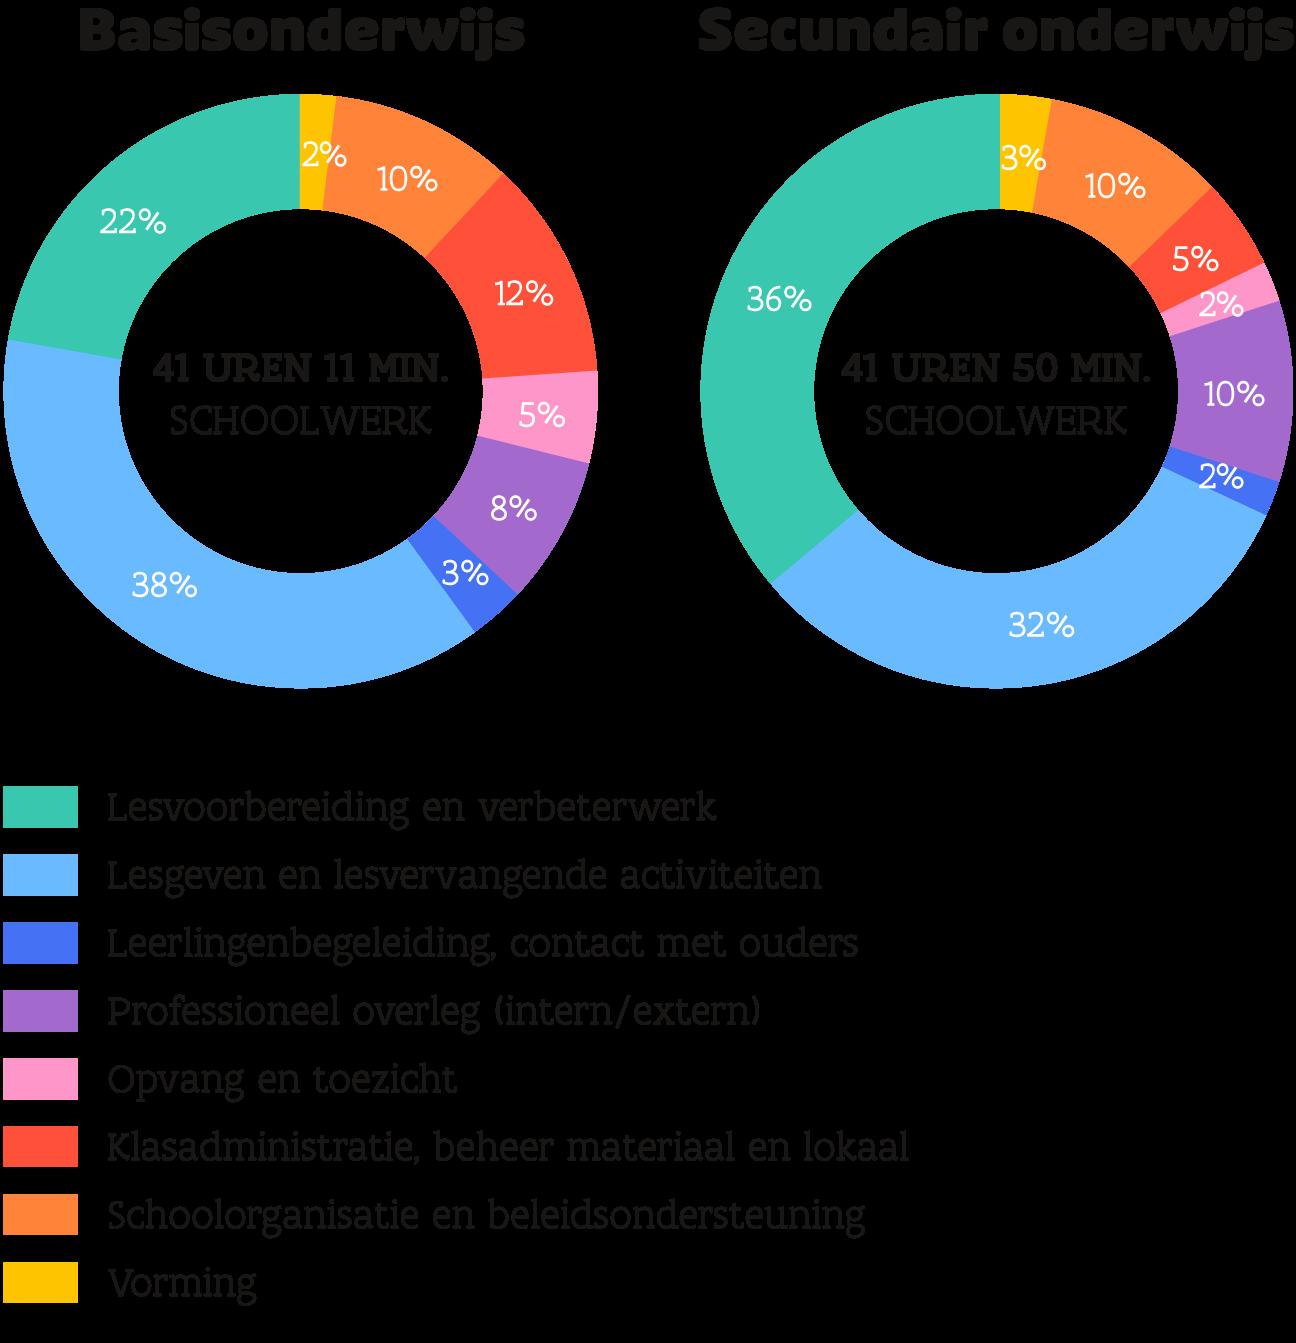 grafieken over tijdsbesteding van leraren